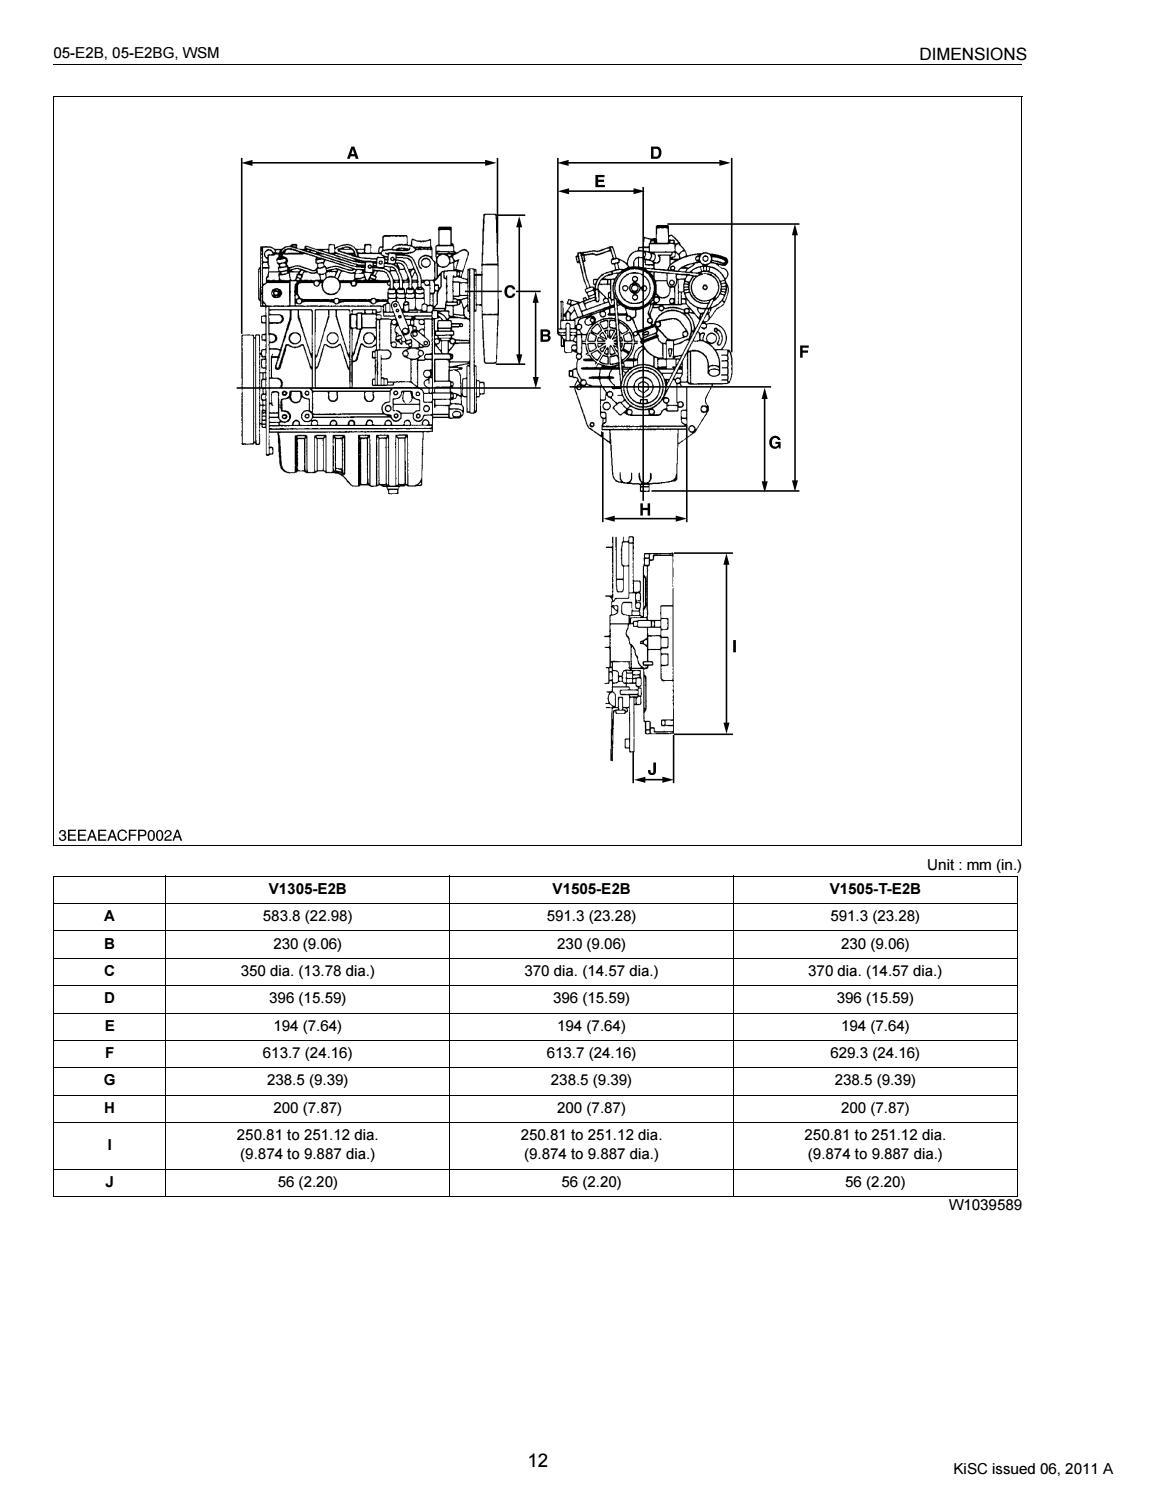 Kubota B21 Wiring Diagram | Wiring Liry on kubota b2620 wiring diagram, kubota bx25 wiring diagram, kubota b7500 wiring diagram, kubota bx22 wiring diagram, kubota starter wiring diagram, kubota m6800 wiring diagram, kubota b26 wiring diagram, kubota zd28 wiring diagram, kubota bx1800 wiring diagram, new holland tc30 wiring diagram, kubota b6100 wiring diagram, kubota b20 wiring diagram, kubota mx5000 wiring diagram, kubota b8200 wiring diagram, kubota l48 wiring diagram, kubota b2400 wiring diagram, kubota b7510 wiring diagram, kubota bx2350 wiring diagram, kubota b2320 wiring diagram, kubota ignition switch wiring diagram,